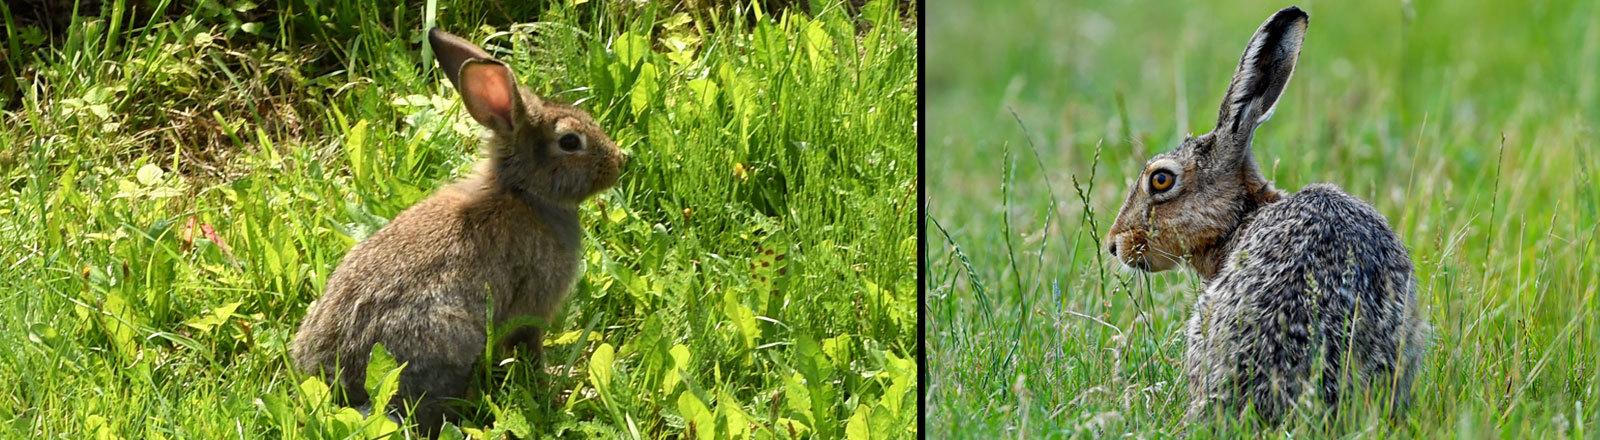 Wildkaninchen und Feldhase